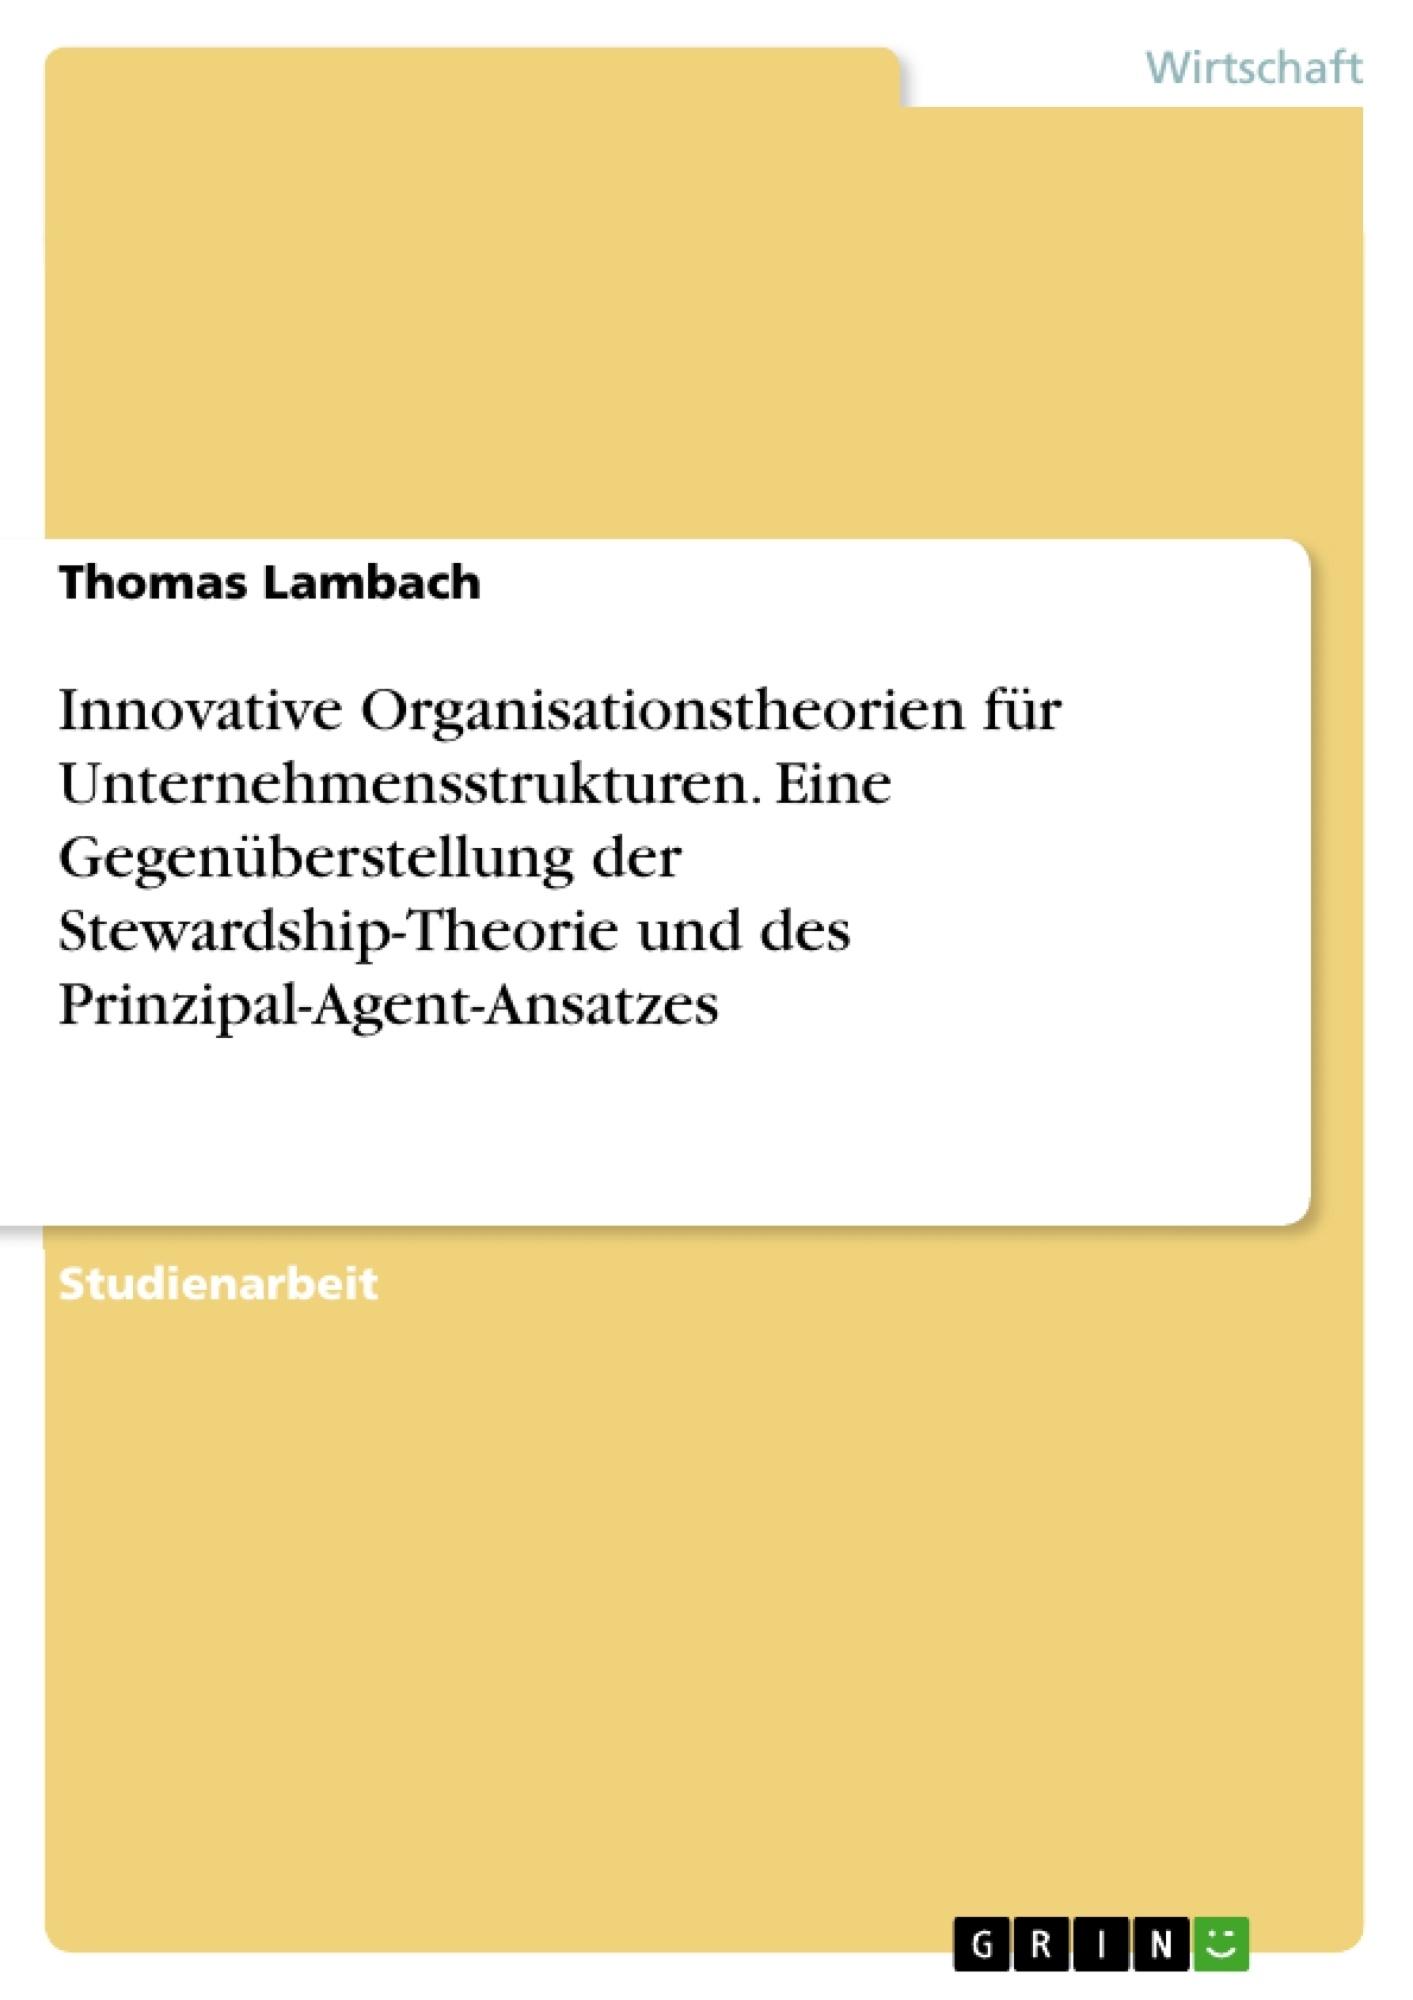 Titel: Innovative Organisationstheorien für Unternehmensstrukturen. Eine Gegenüberstellung der Stewardship-Theorie und des Prinzipal-Agent-Ansatzes